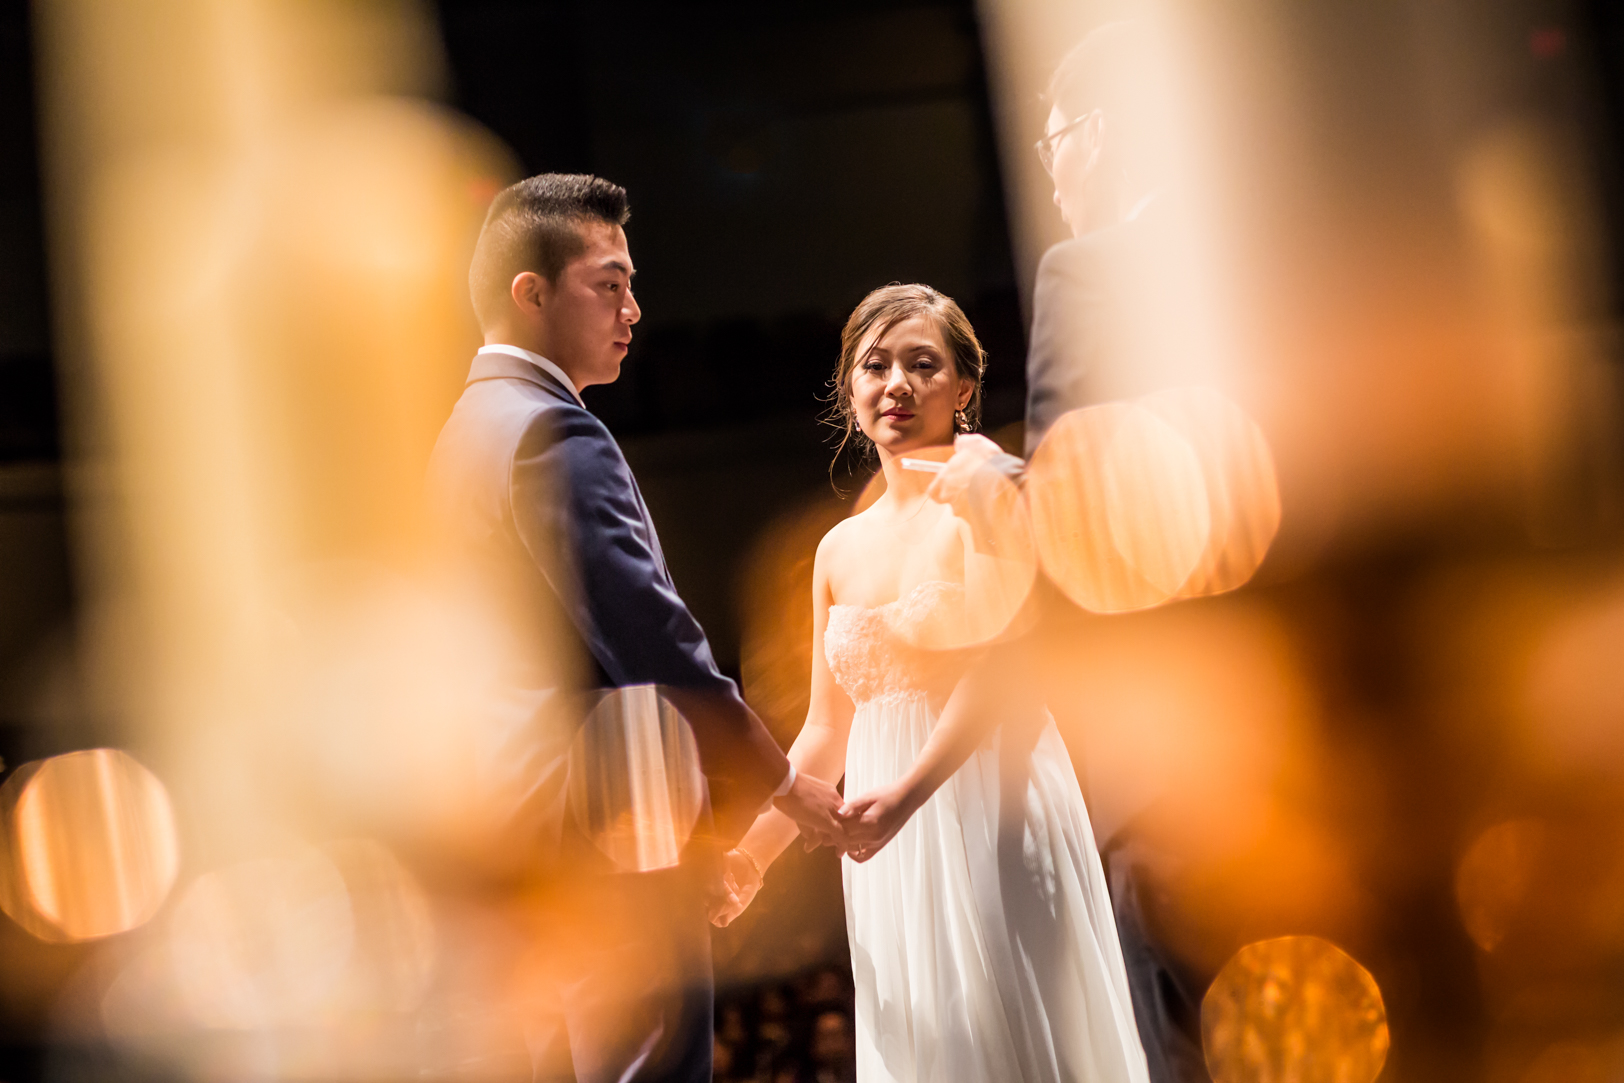 creative wedding ceremony photo